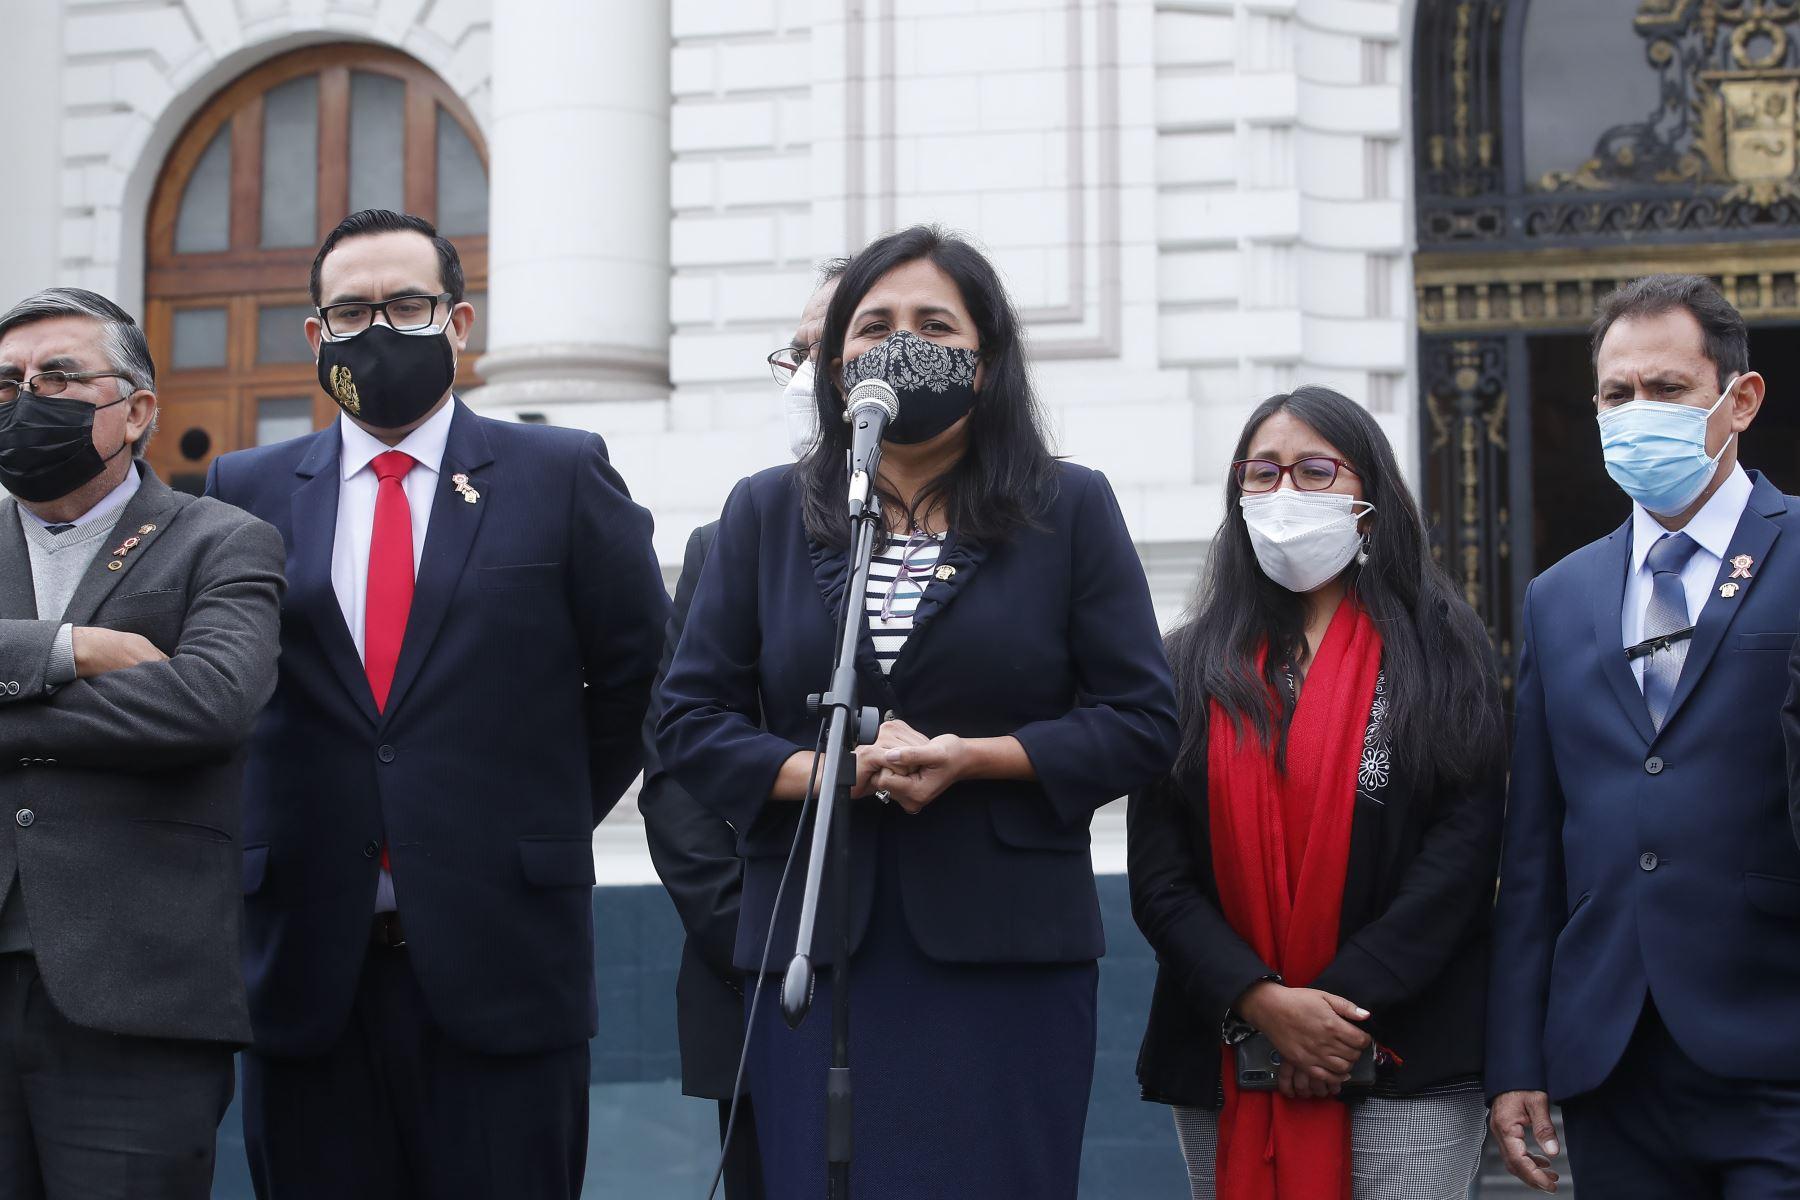 Congresista Flor Pablo Medina, declara a la prensa en los exteriores del parlamento. Foto: ANDINA/Juan Carlos Guzmán